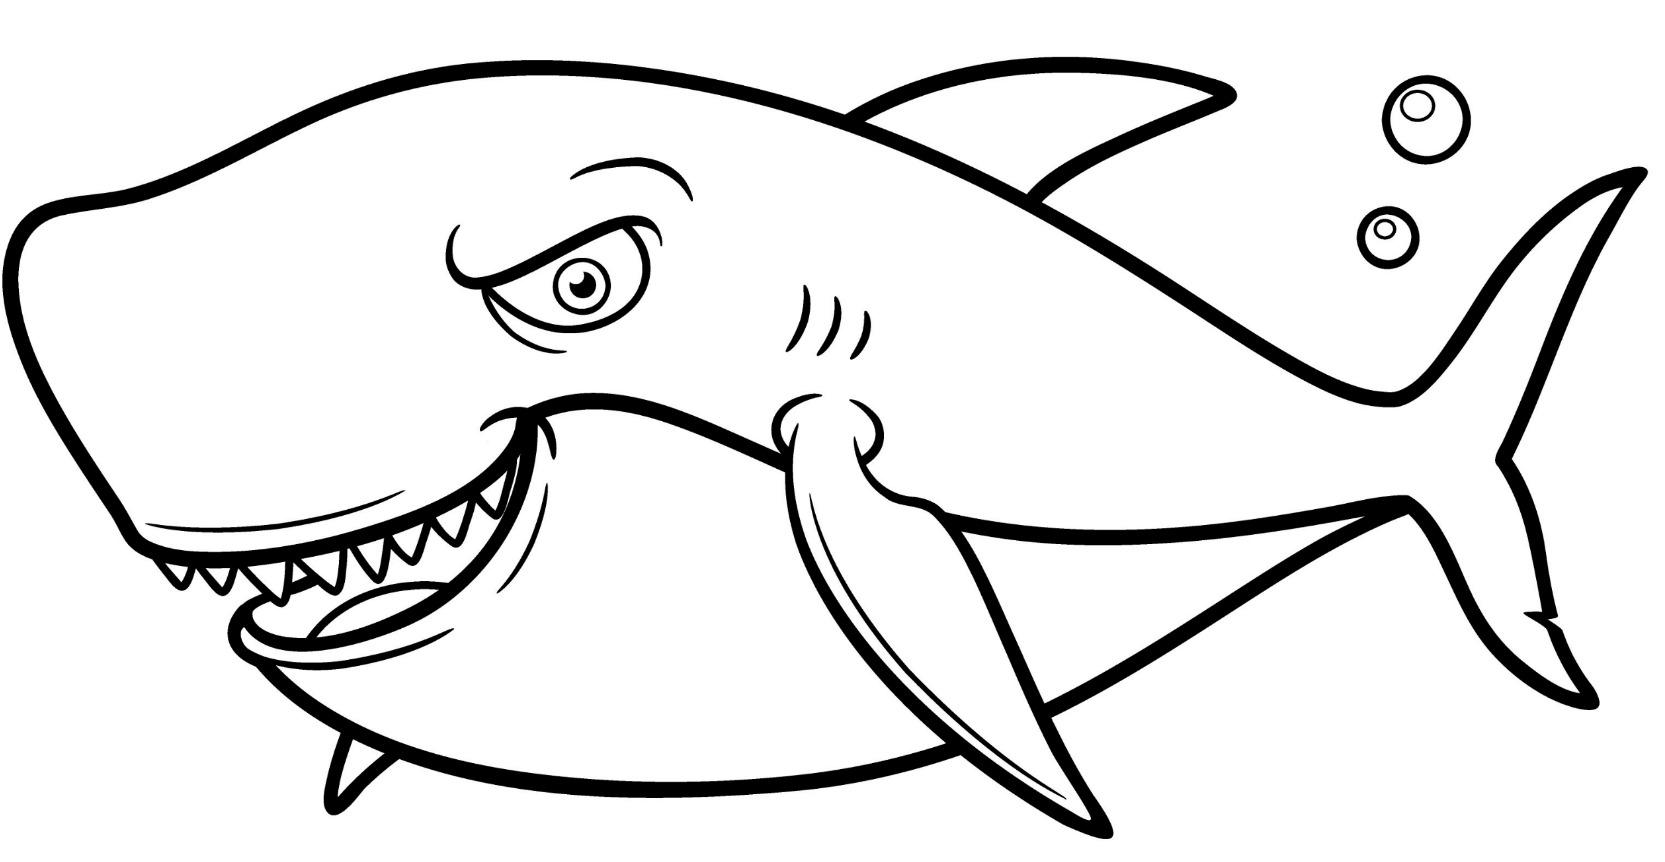 Pesce di aprile per bambini immagini e scherzi divertenti for Pesci da stampare e colorare